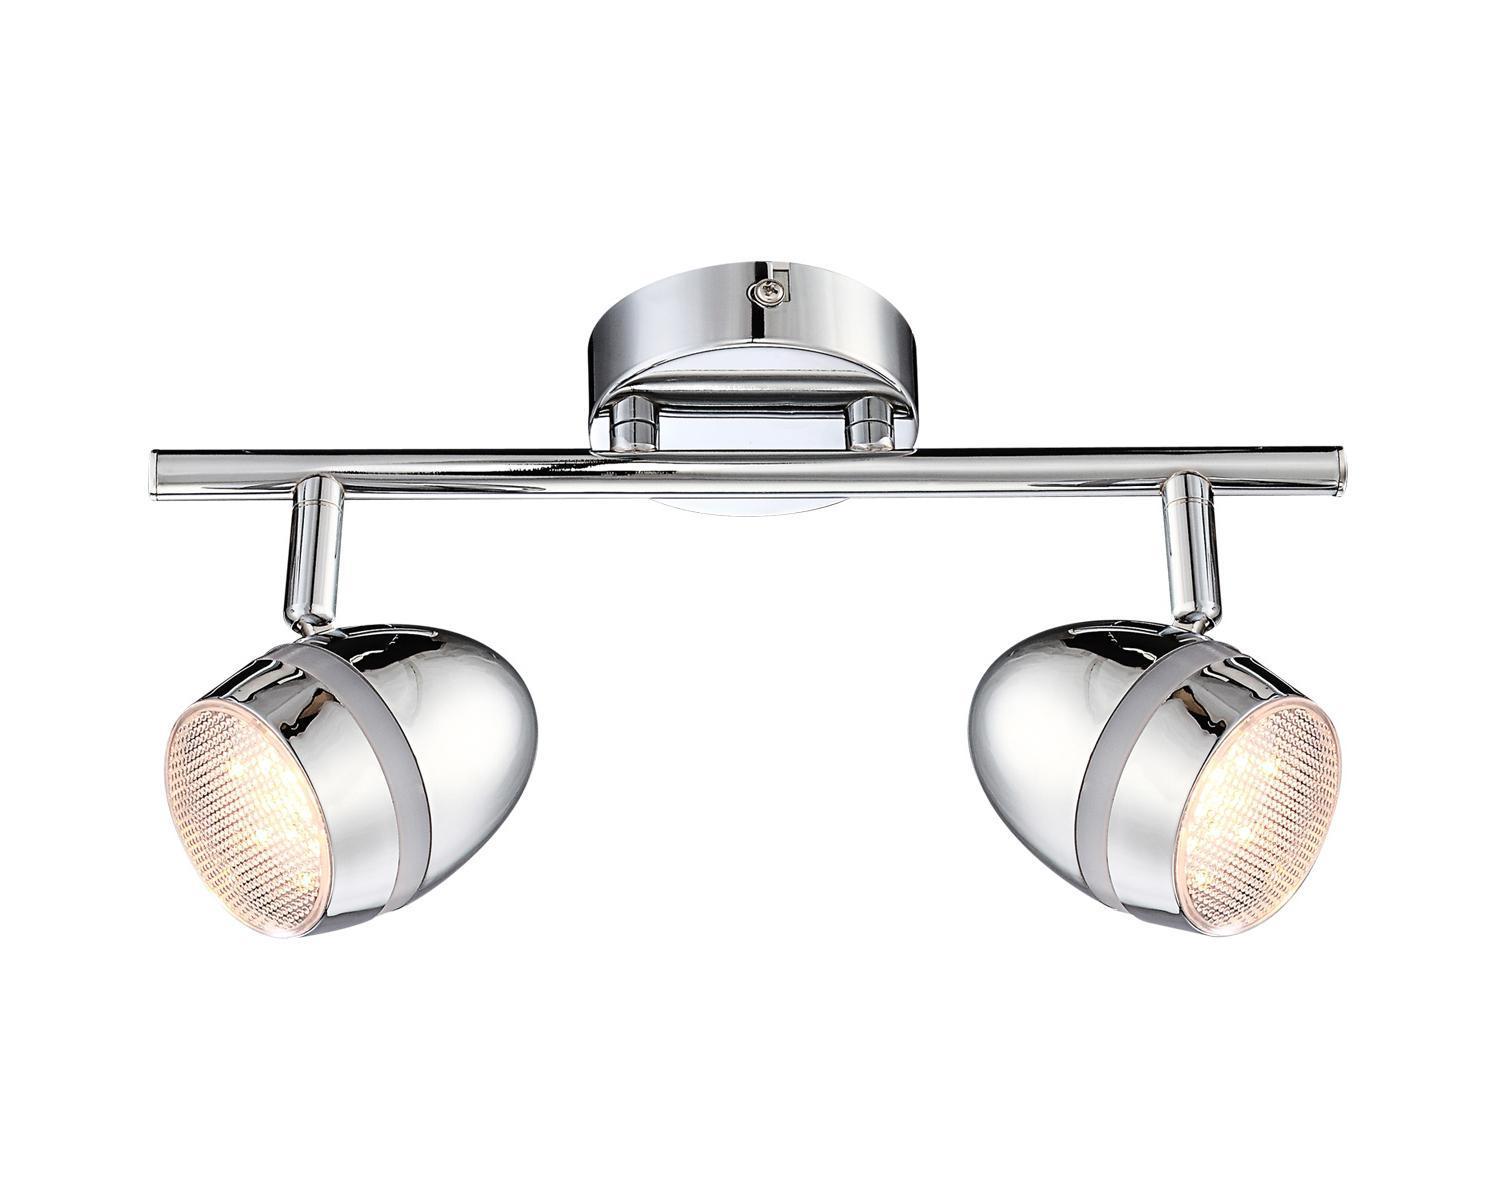 56206-2 MANJOLA Спот56206-2Споты MANJOLA 56206-2 в стиле модерн - идеальный вариант для оформления элегантного интерьера спальни. Металлическое основание серого цвета отлично сочетается с плафоном из пластика. Точечный светильник с максимальной мощностью 3W осветит жилое пространство, площадью не более 1 кв.м. Материал: Арматура: Металл / Плафон: Пластик Цвет: Арматура: Серебристый / Плафон: Прозрачный Размер: 30х8,5х16,2 Материал: Арматура: Металл / Плафон: Пластик Цвет: Арматура: Серебристый / Плафон: Прозрачный Размер: 30х8,5х16,2